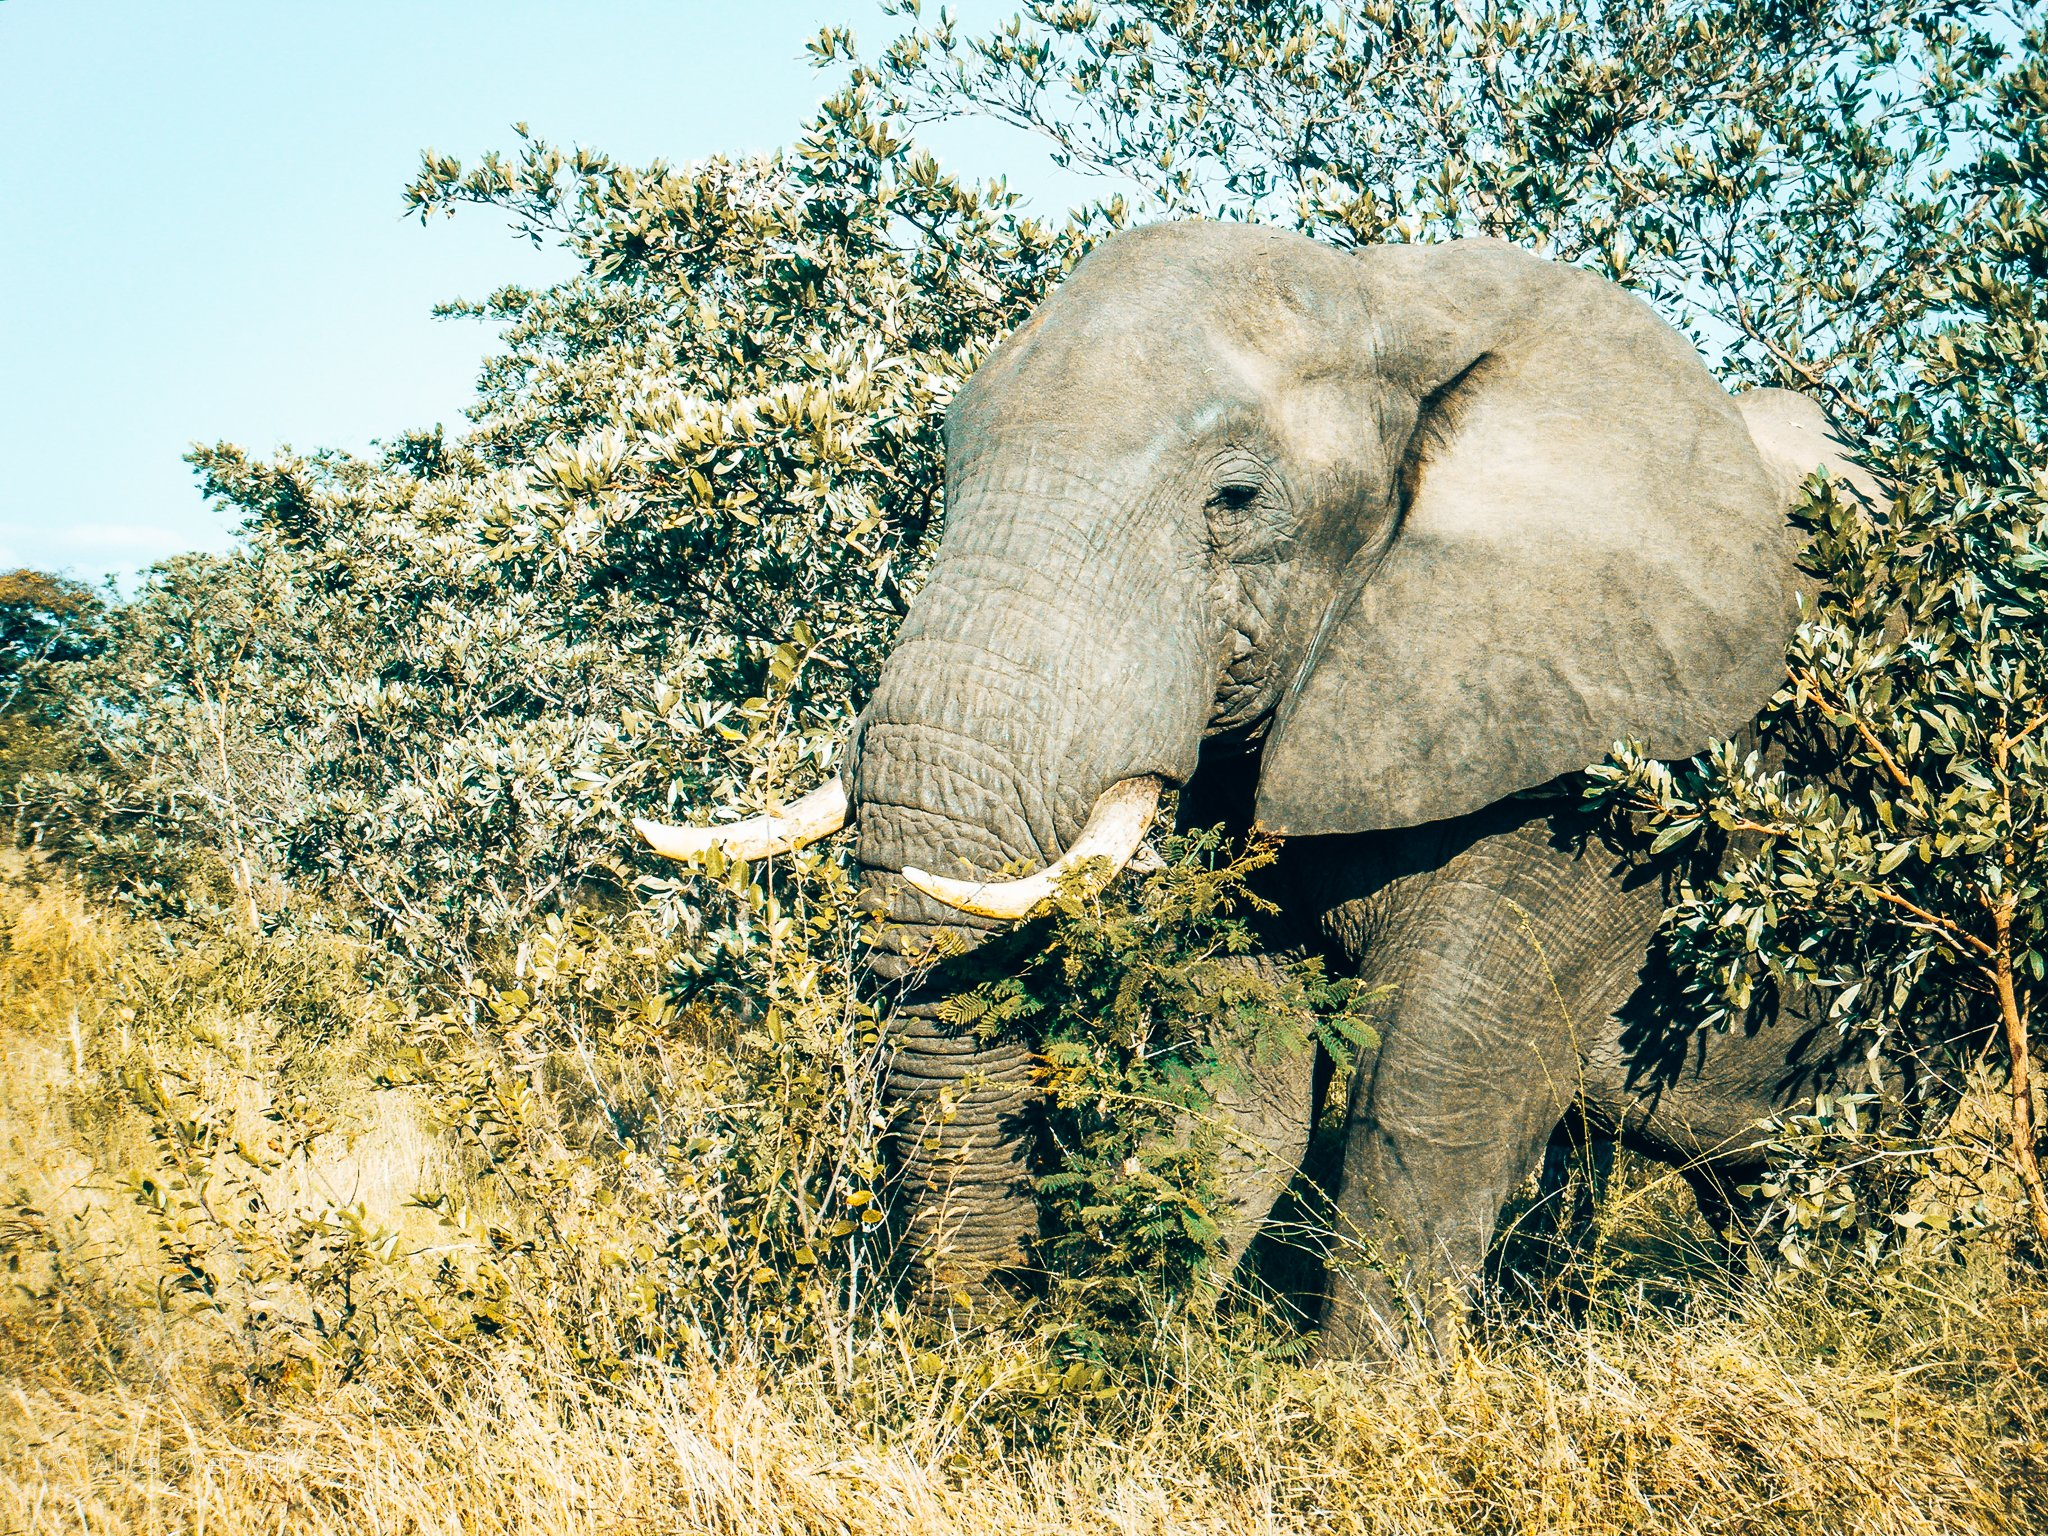 Support de olifanten door de aanschaf van Primos Gin, Alles over gin.